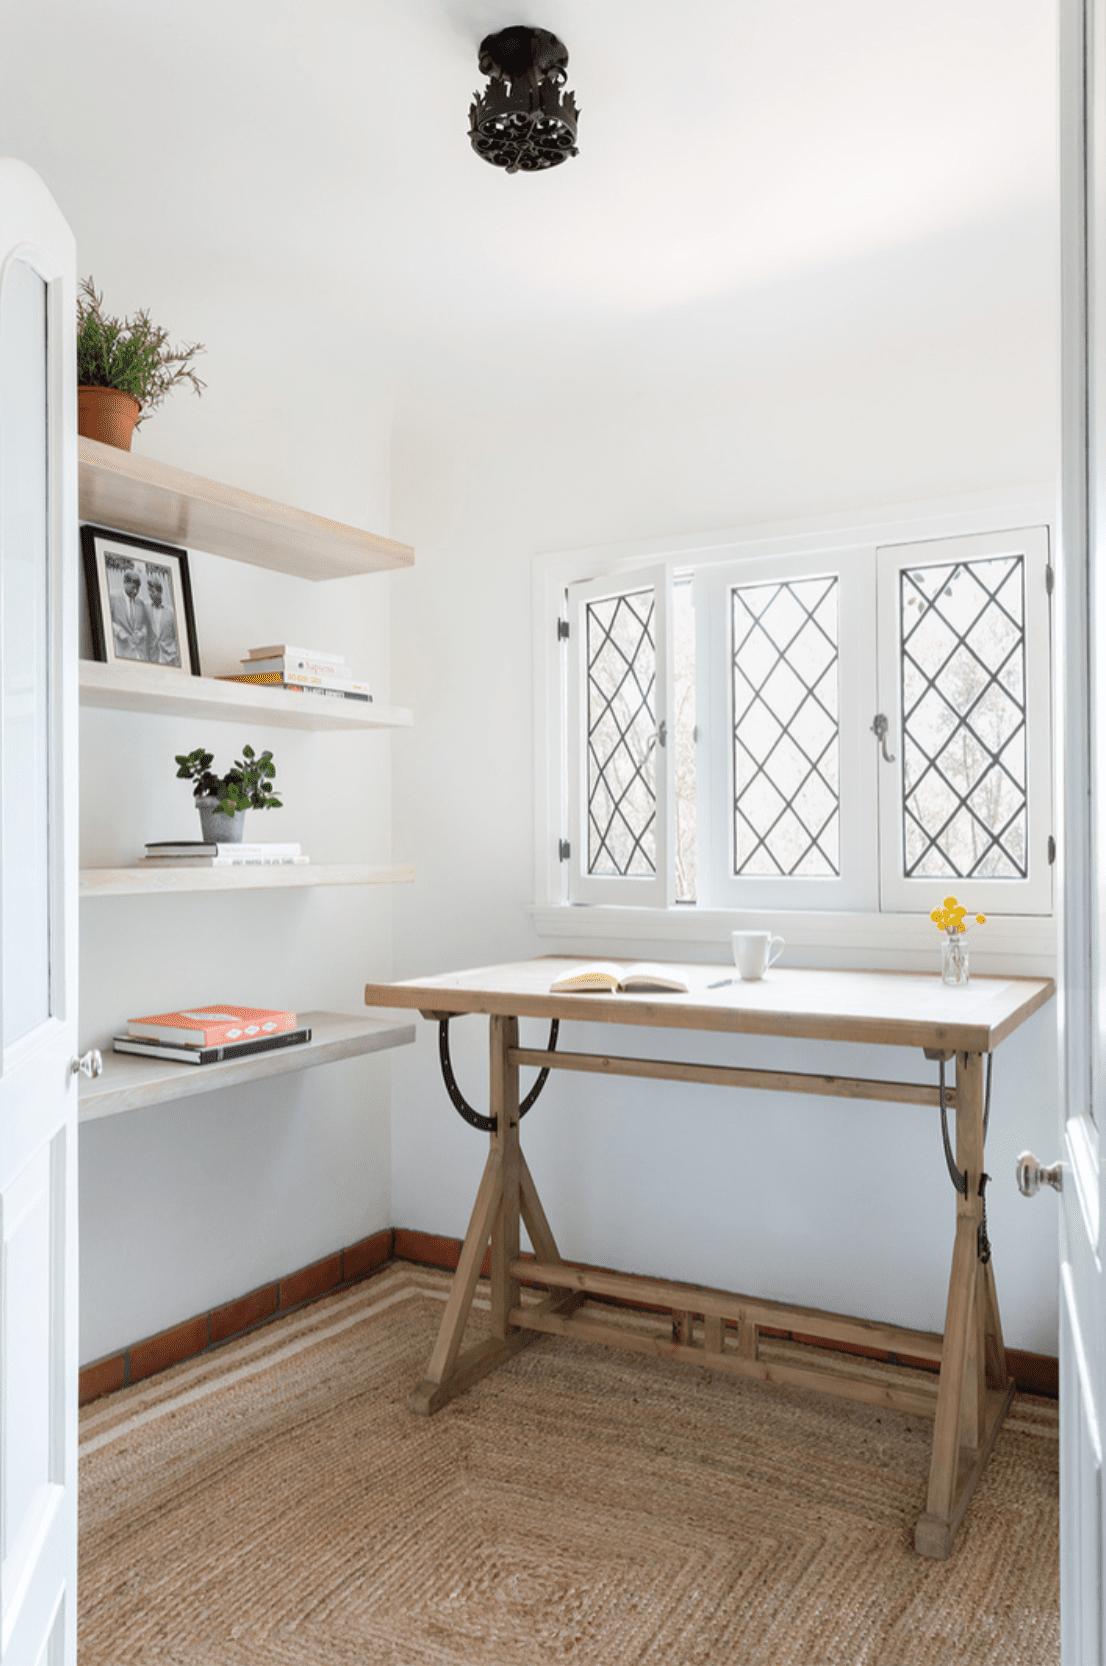 Amy Bartlam; Design: Denham Interior Design